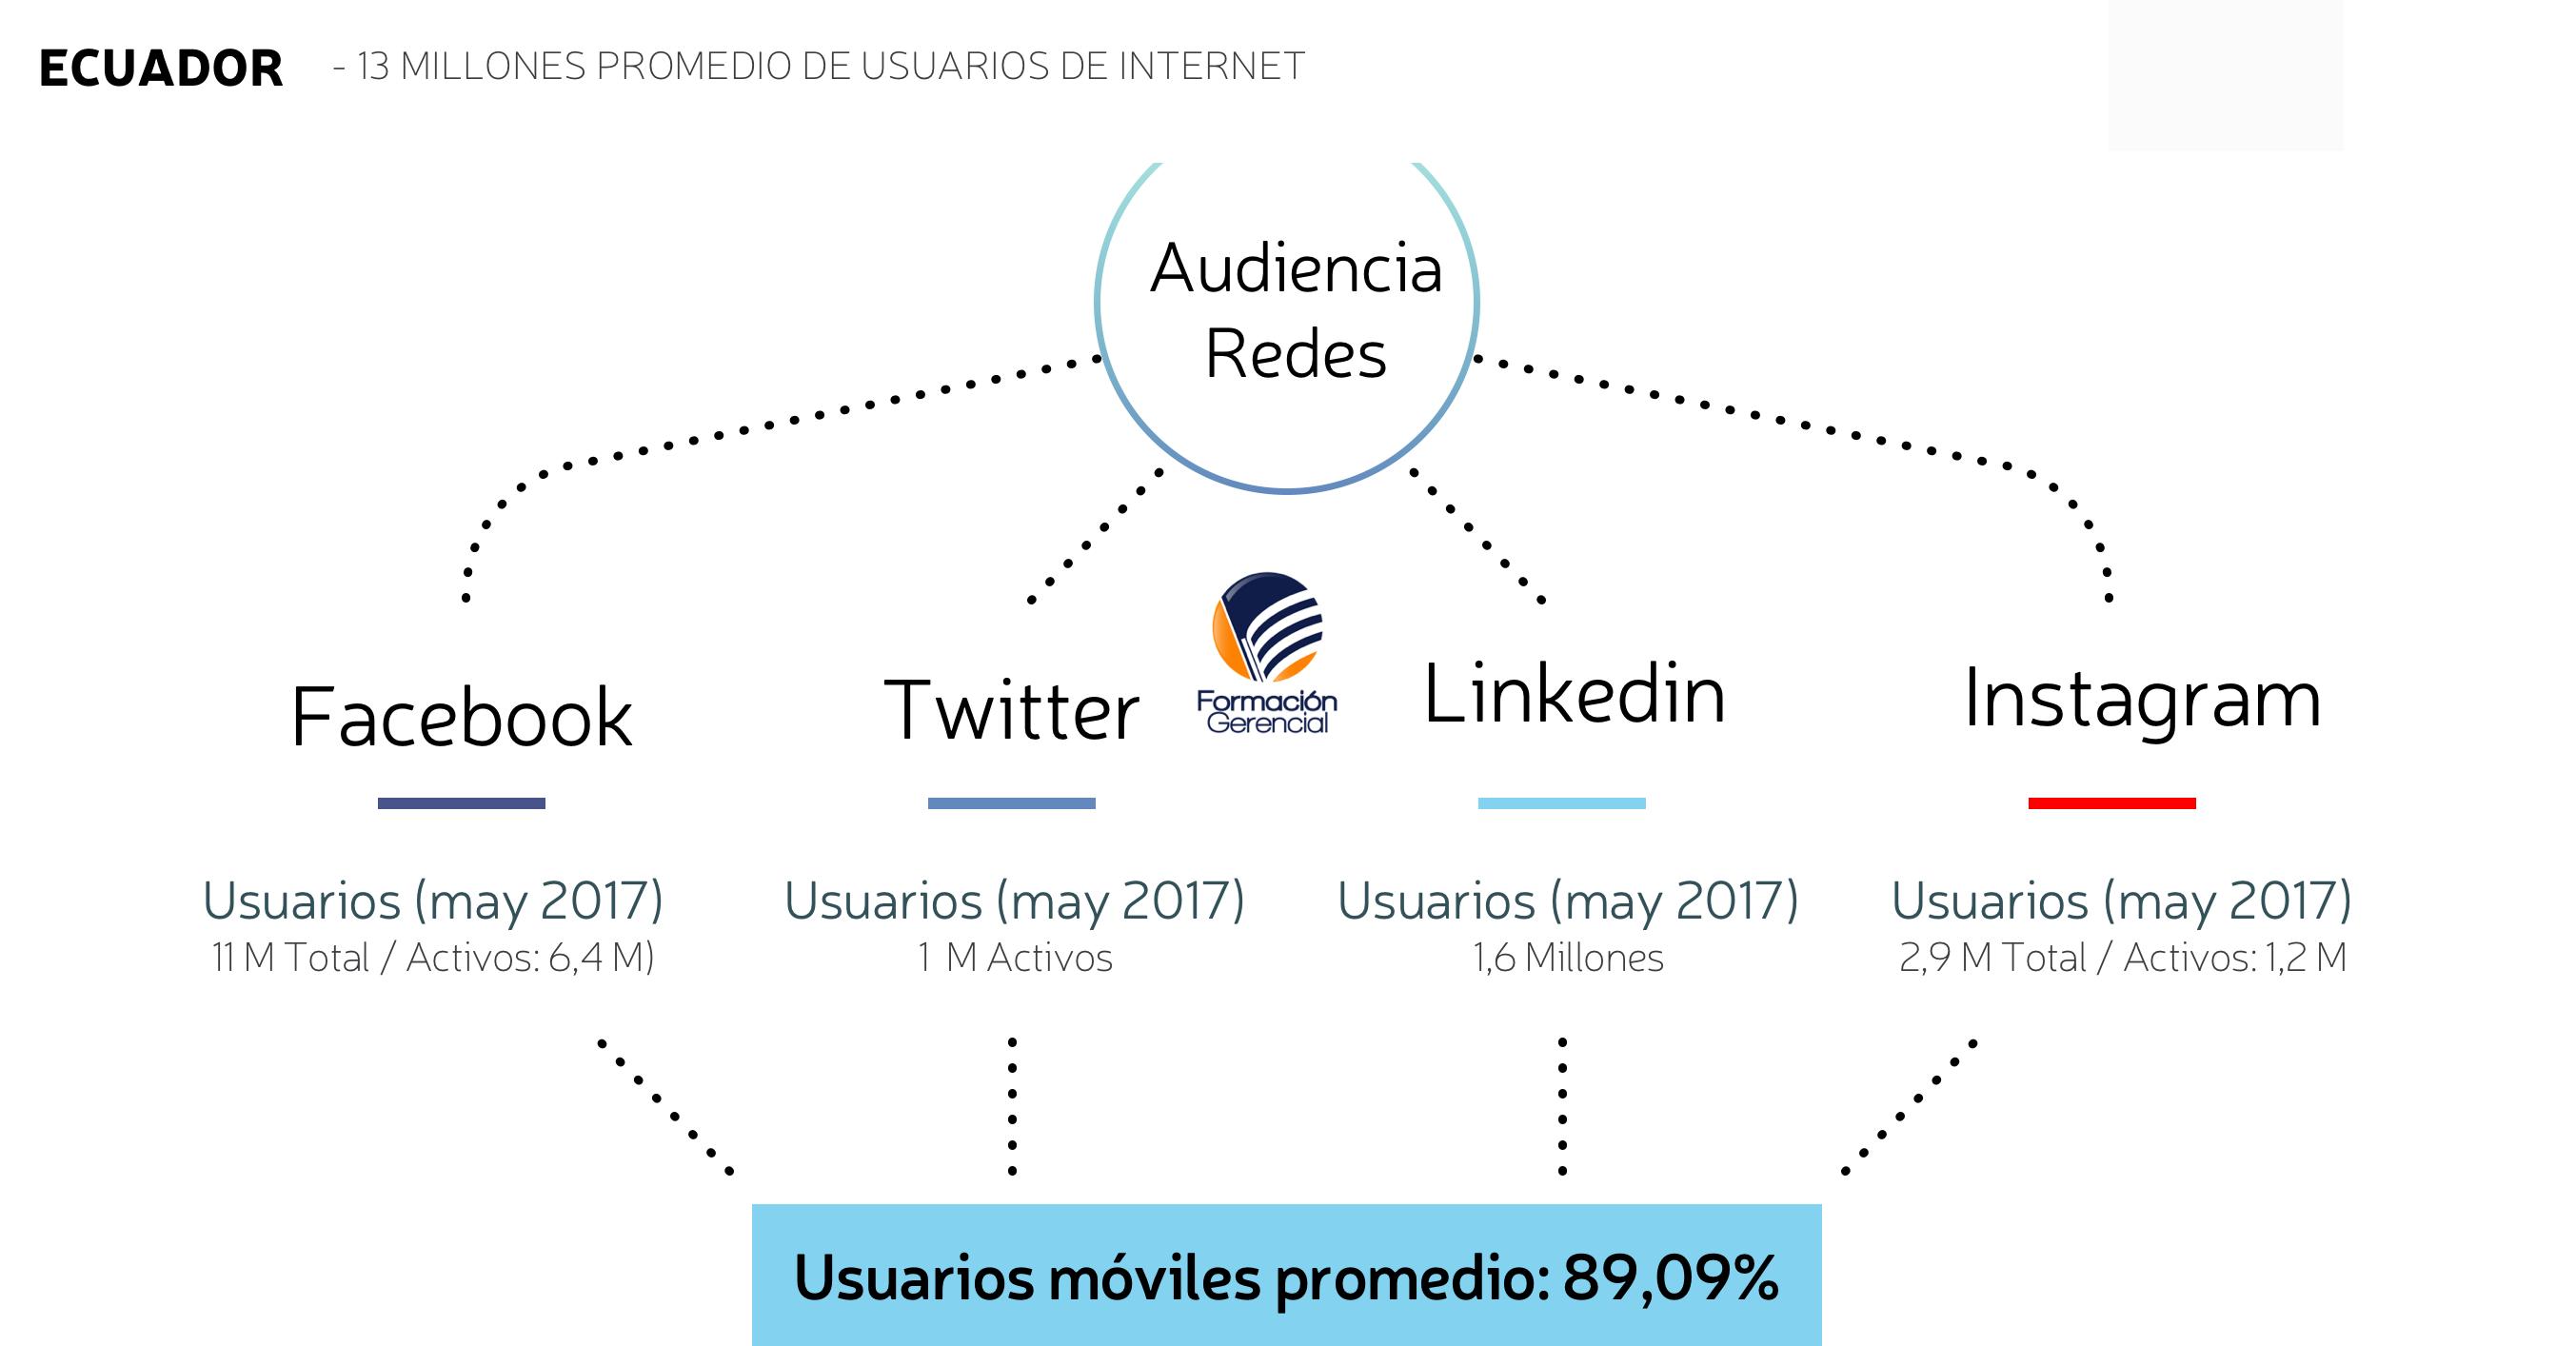 Usuarios de Internet y Redes Sociales Ecuador 2017